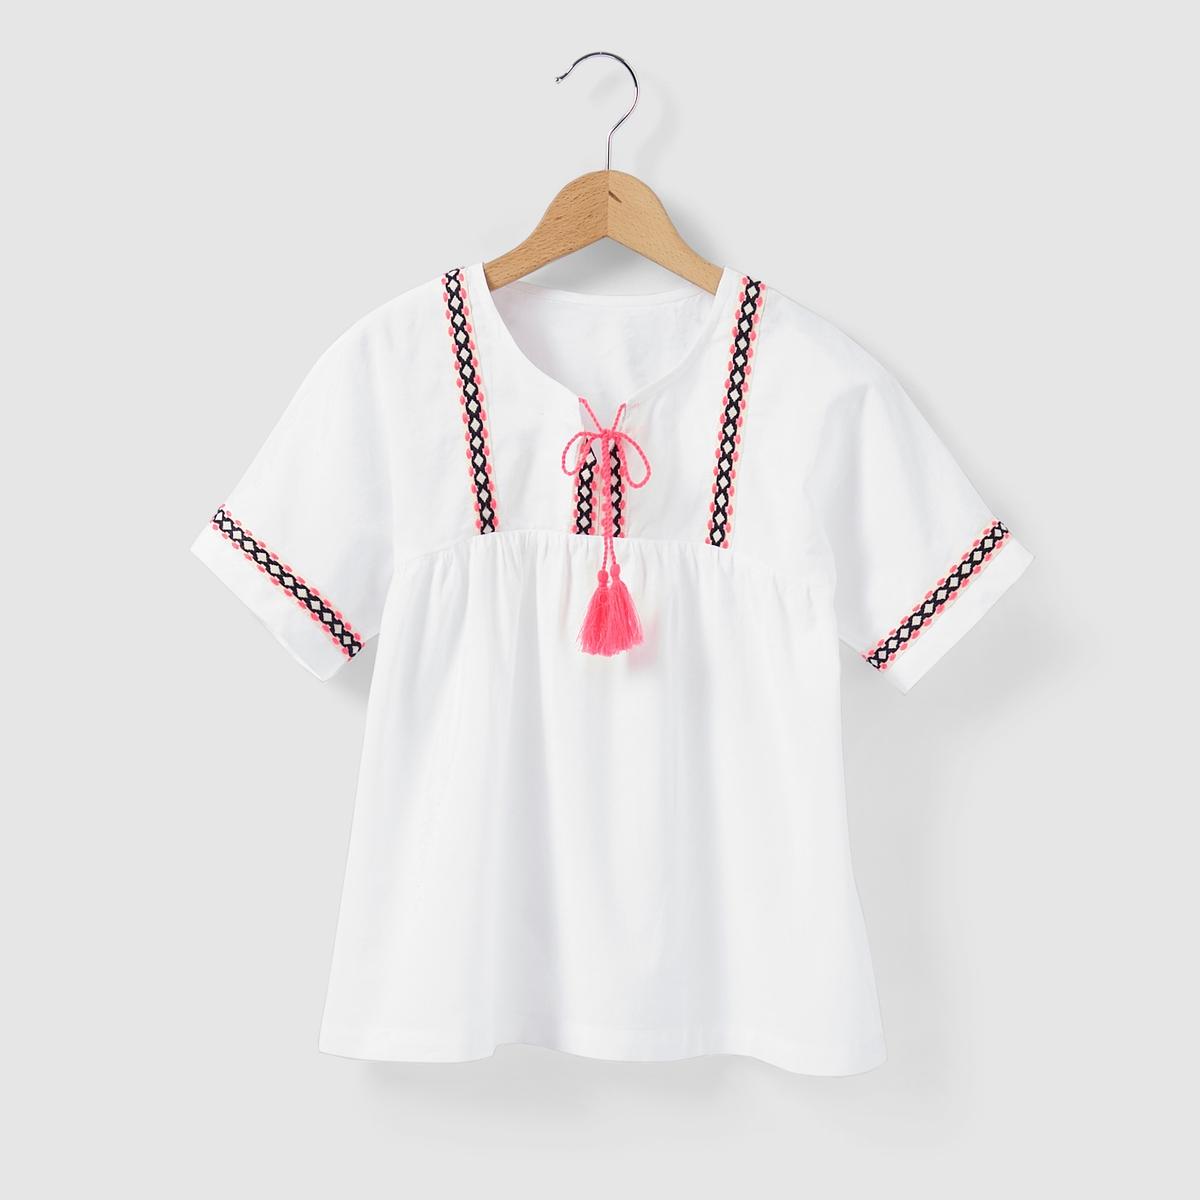 Блузка в этническом стиле, с вышивкой и короткими рукавами, на 3-12 летБлузка в этническом стиле. Вырез с вышивкой, тесьмой и помпонами. Низ коротких рукавов с вышивкой. Отрезная деталь под грудью со складками. Состав и описание : Материал: вуаль, 100% хлопкаУход :Машинная стирка при 30 °C с вещами схожих цветов.Стирать и гладить с изнаночной стороны.Машинная сушка на умеренном режиме.Гладить на низкой температуре.<br><br>Цвет: белый<br>Размер: 12 лет -150 см